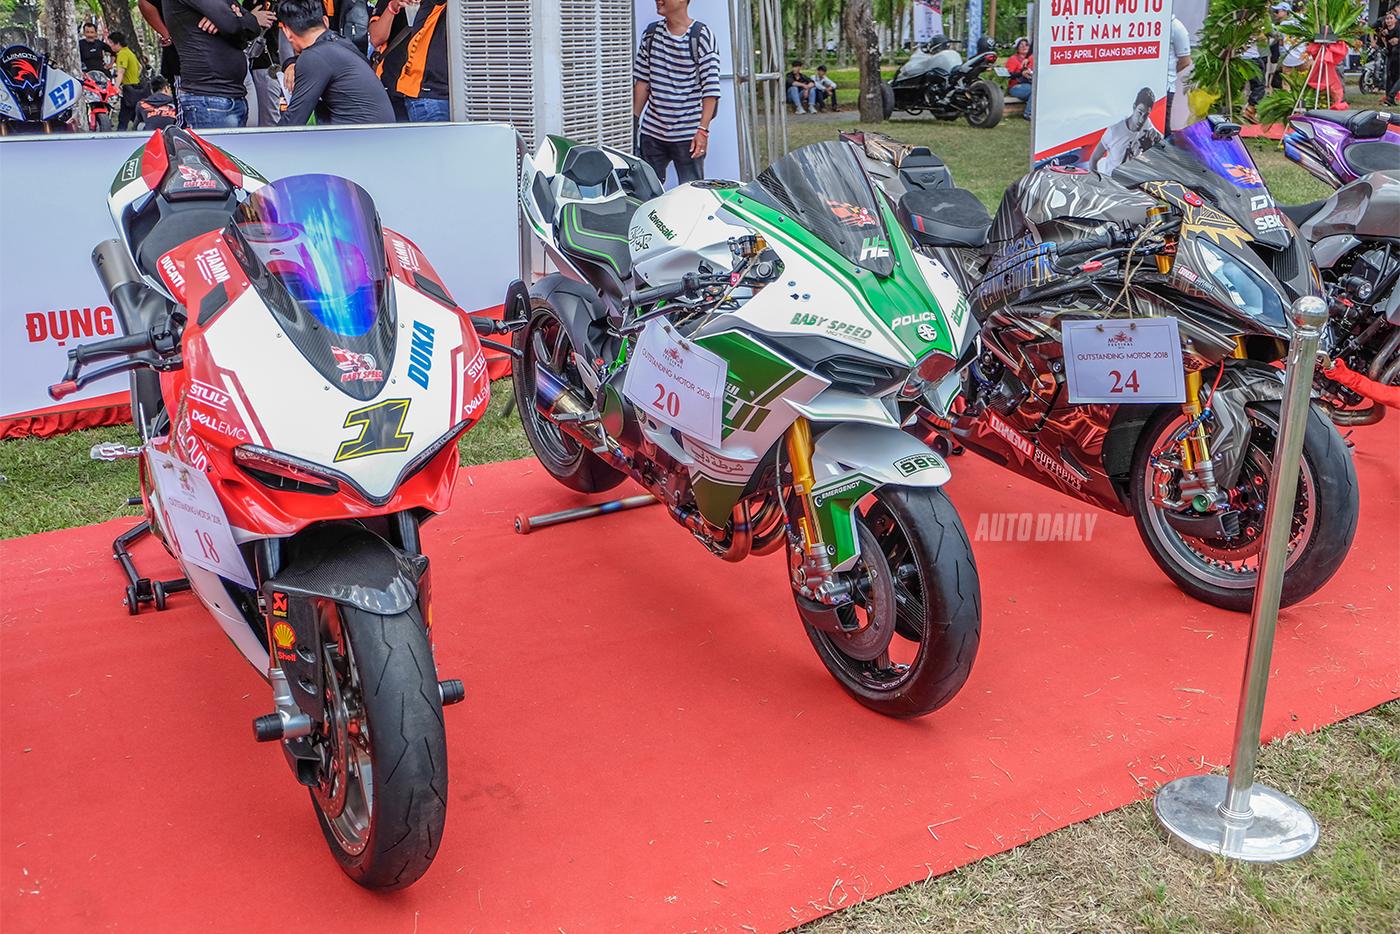 vietnam-motor-festival-2018-16.jpg